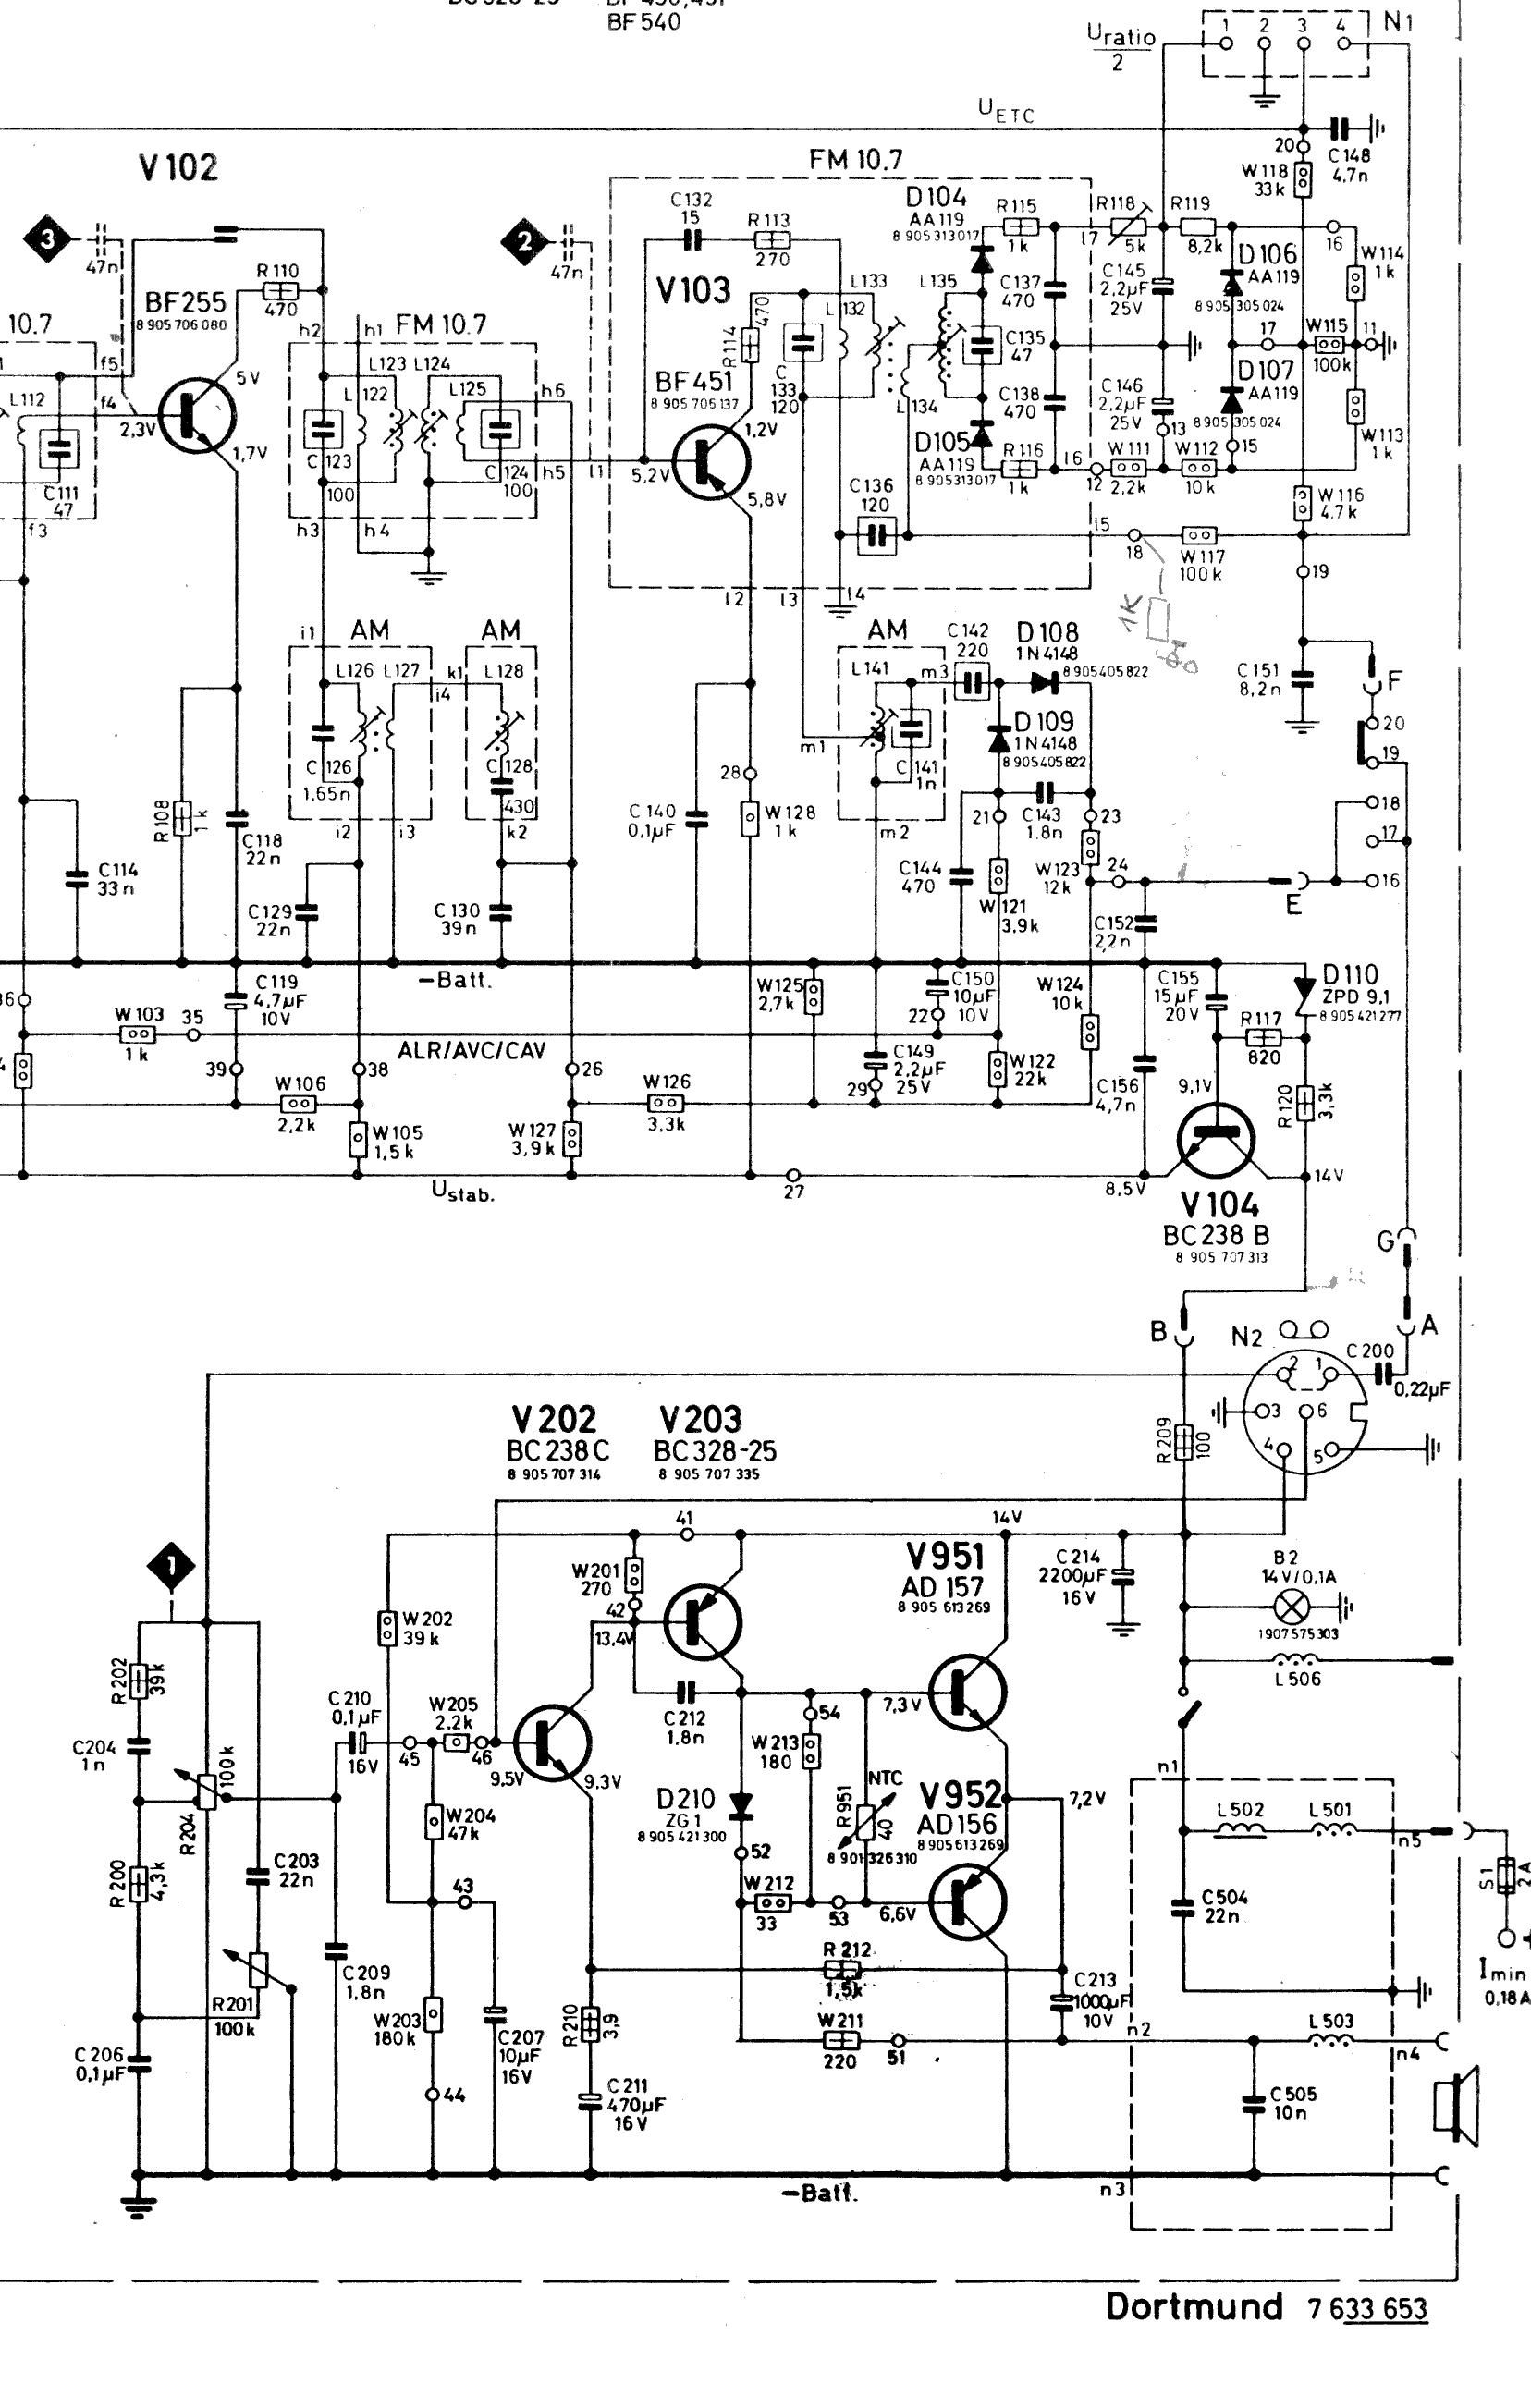 Belegung der DIN-Buchsen von alten Blaupunkt Autoradios